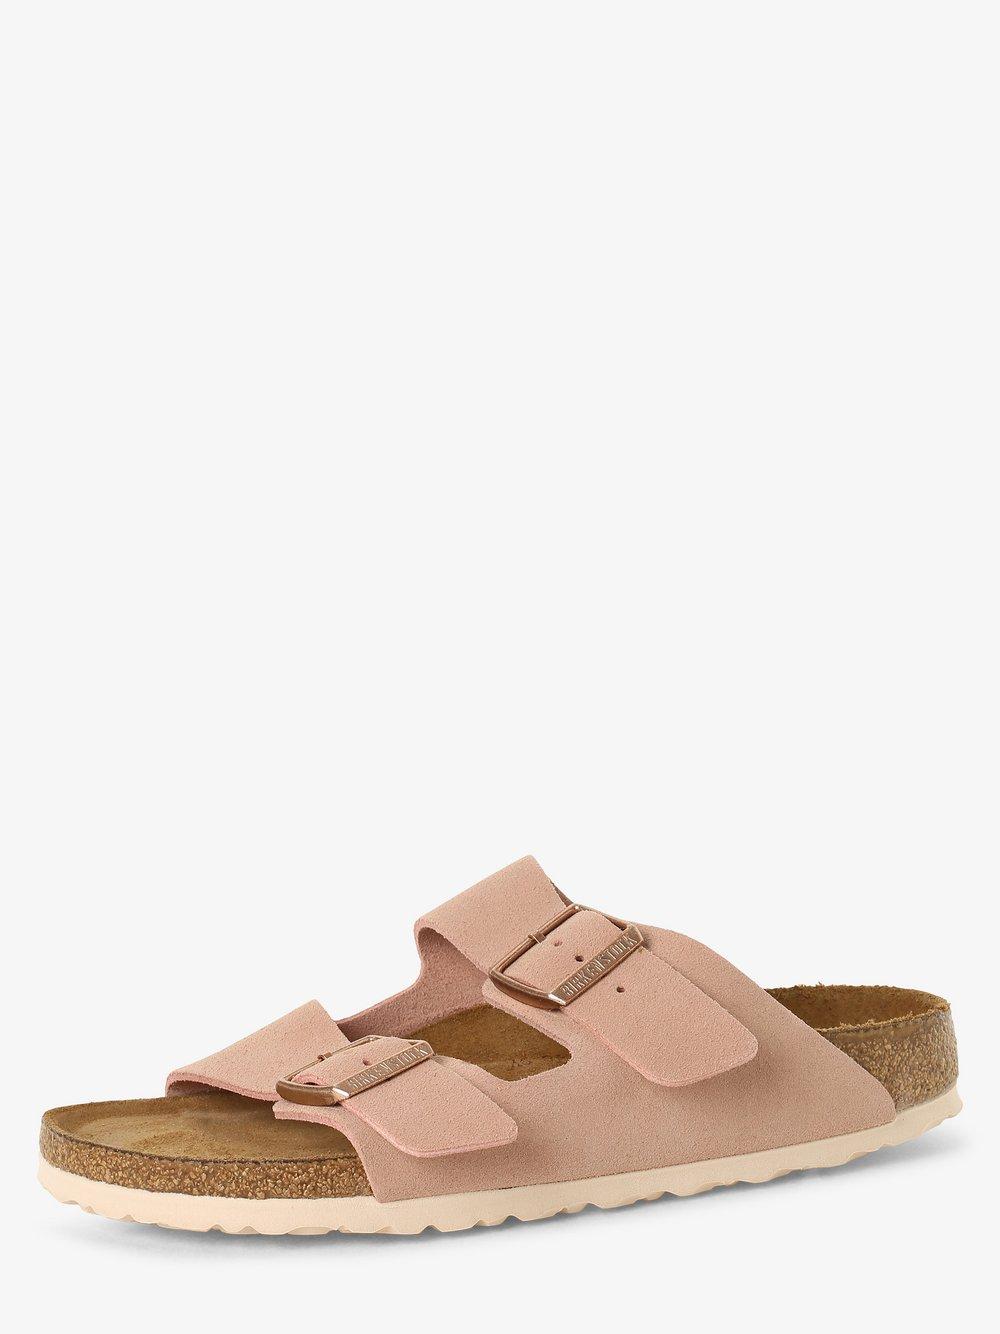 Birkenstock - Sandały damskie ze skóry – Arizona BS, różowy